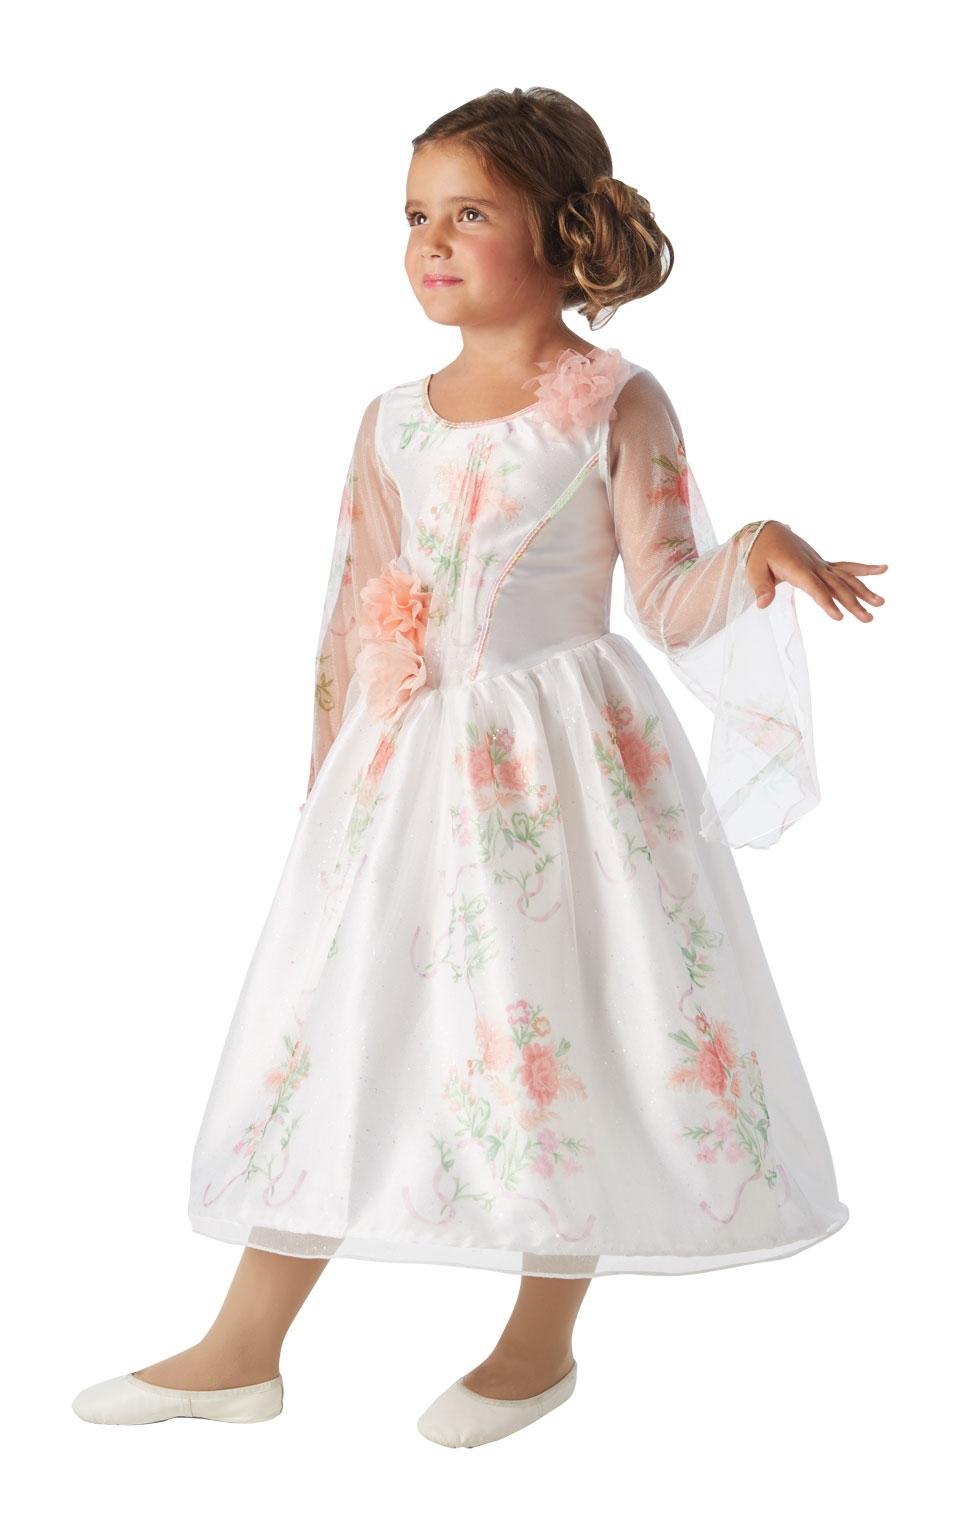 Бальное платье Белль Disney (26-28) савеловский торговый комплекс бальное платье детское